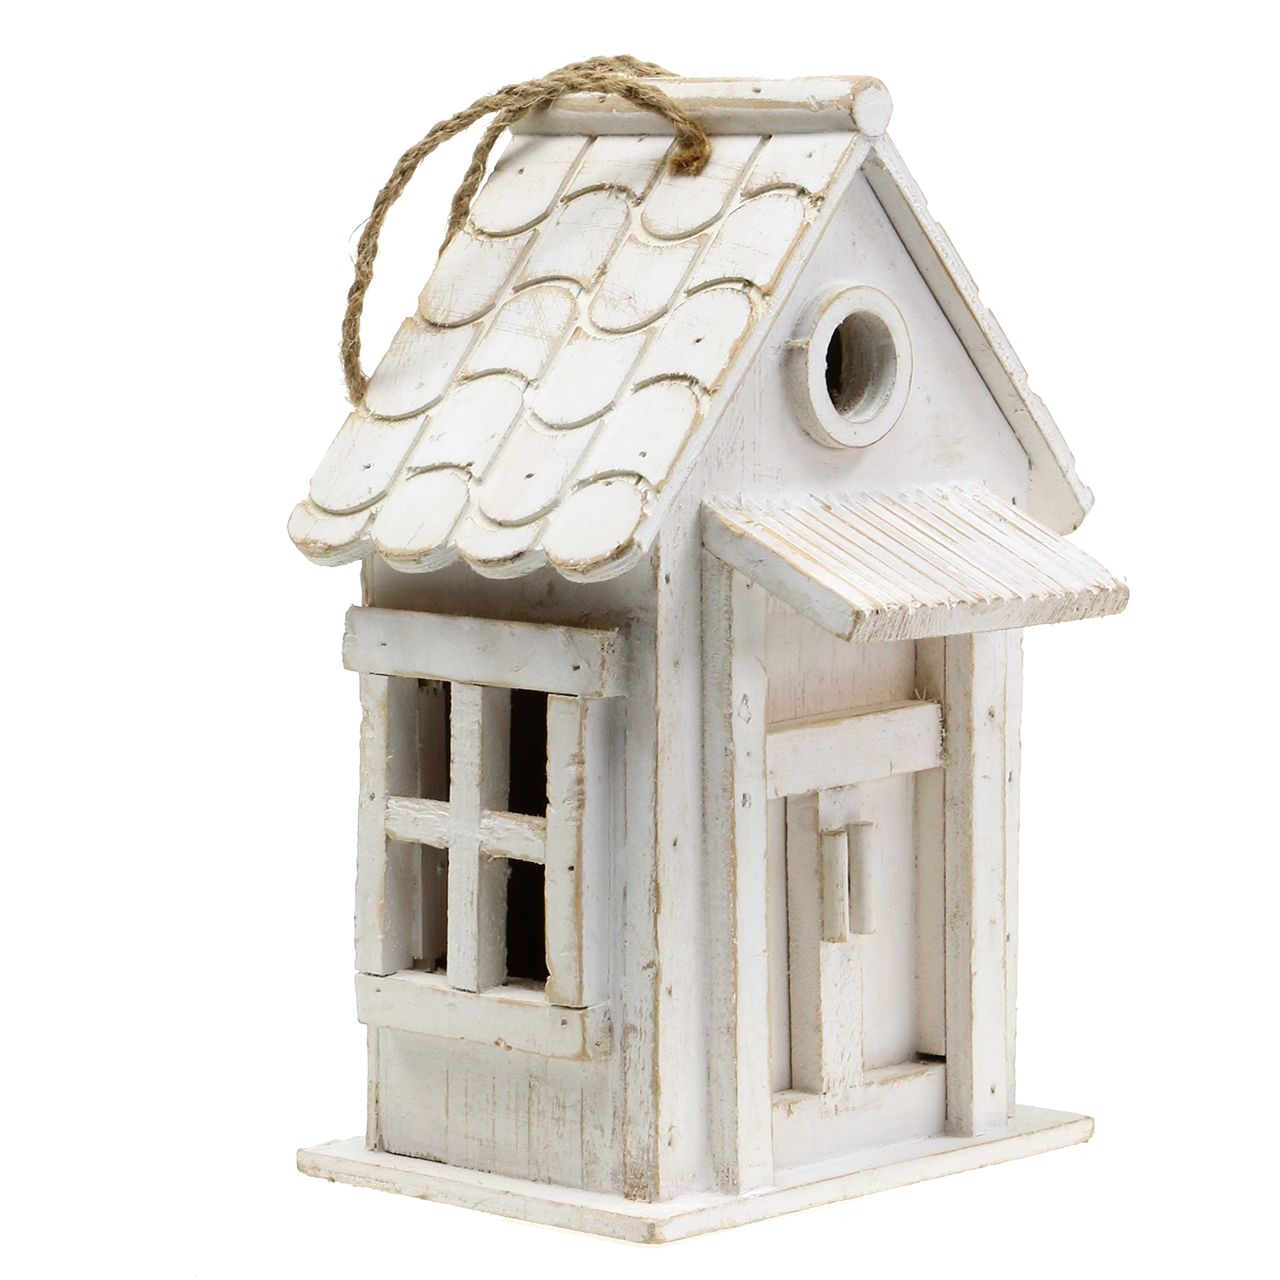 vogelhaus zum h ngen wei h25 5cm einkaufen in sterreich. Black Bedroom Furniture Sets. Home Design Ideas